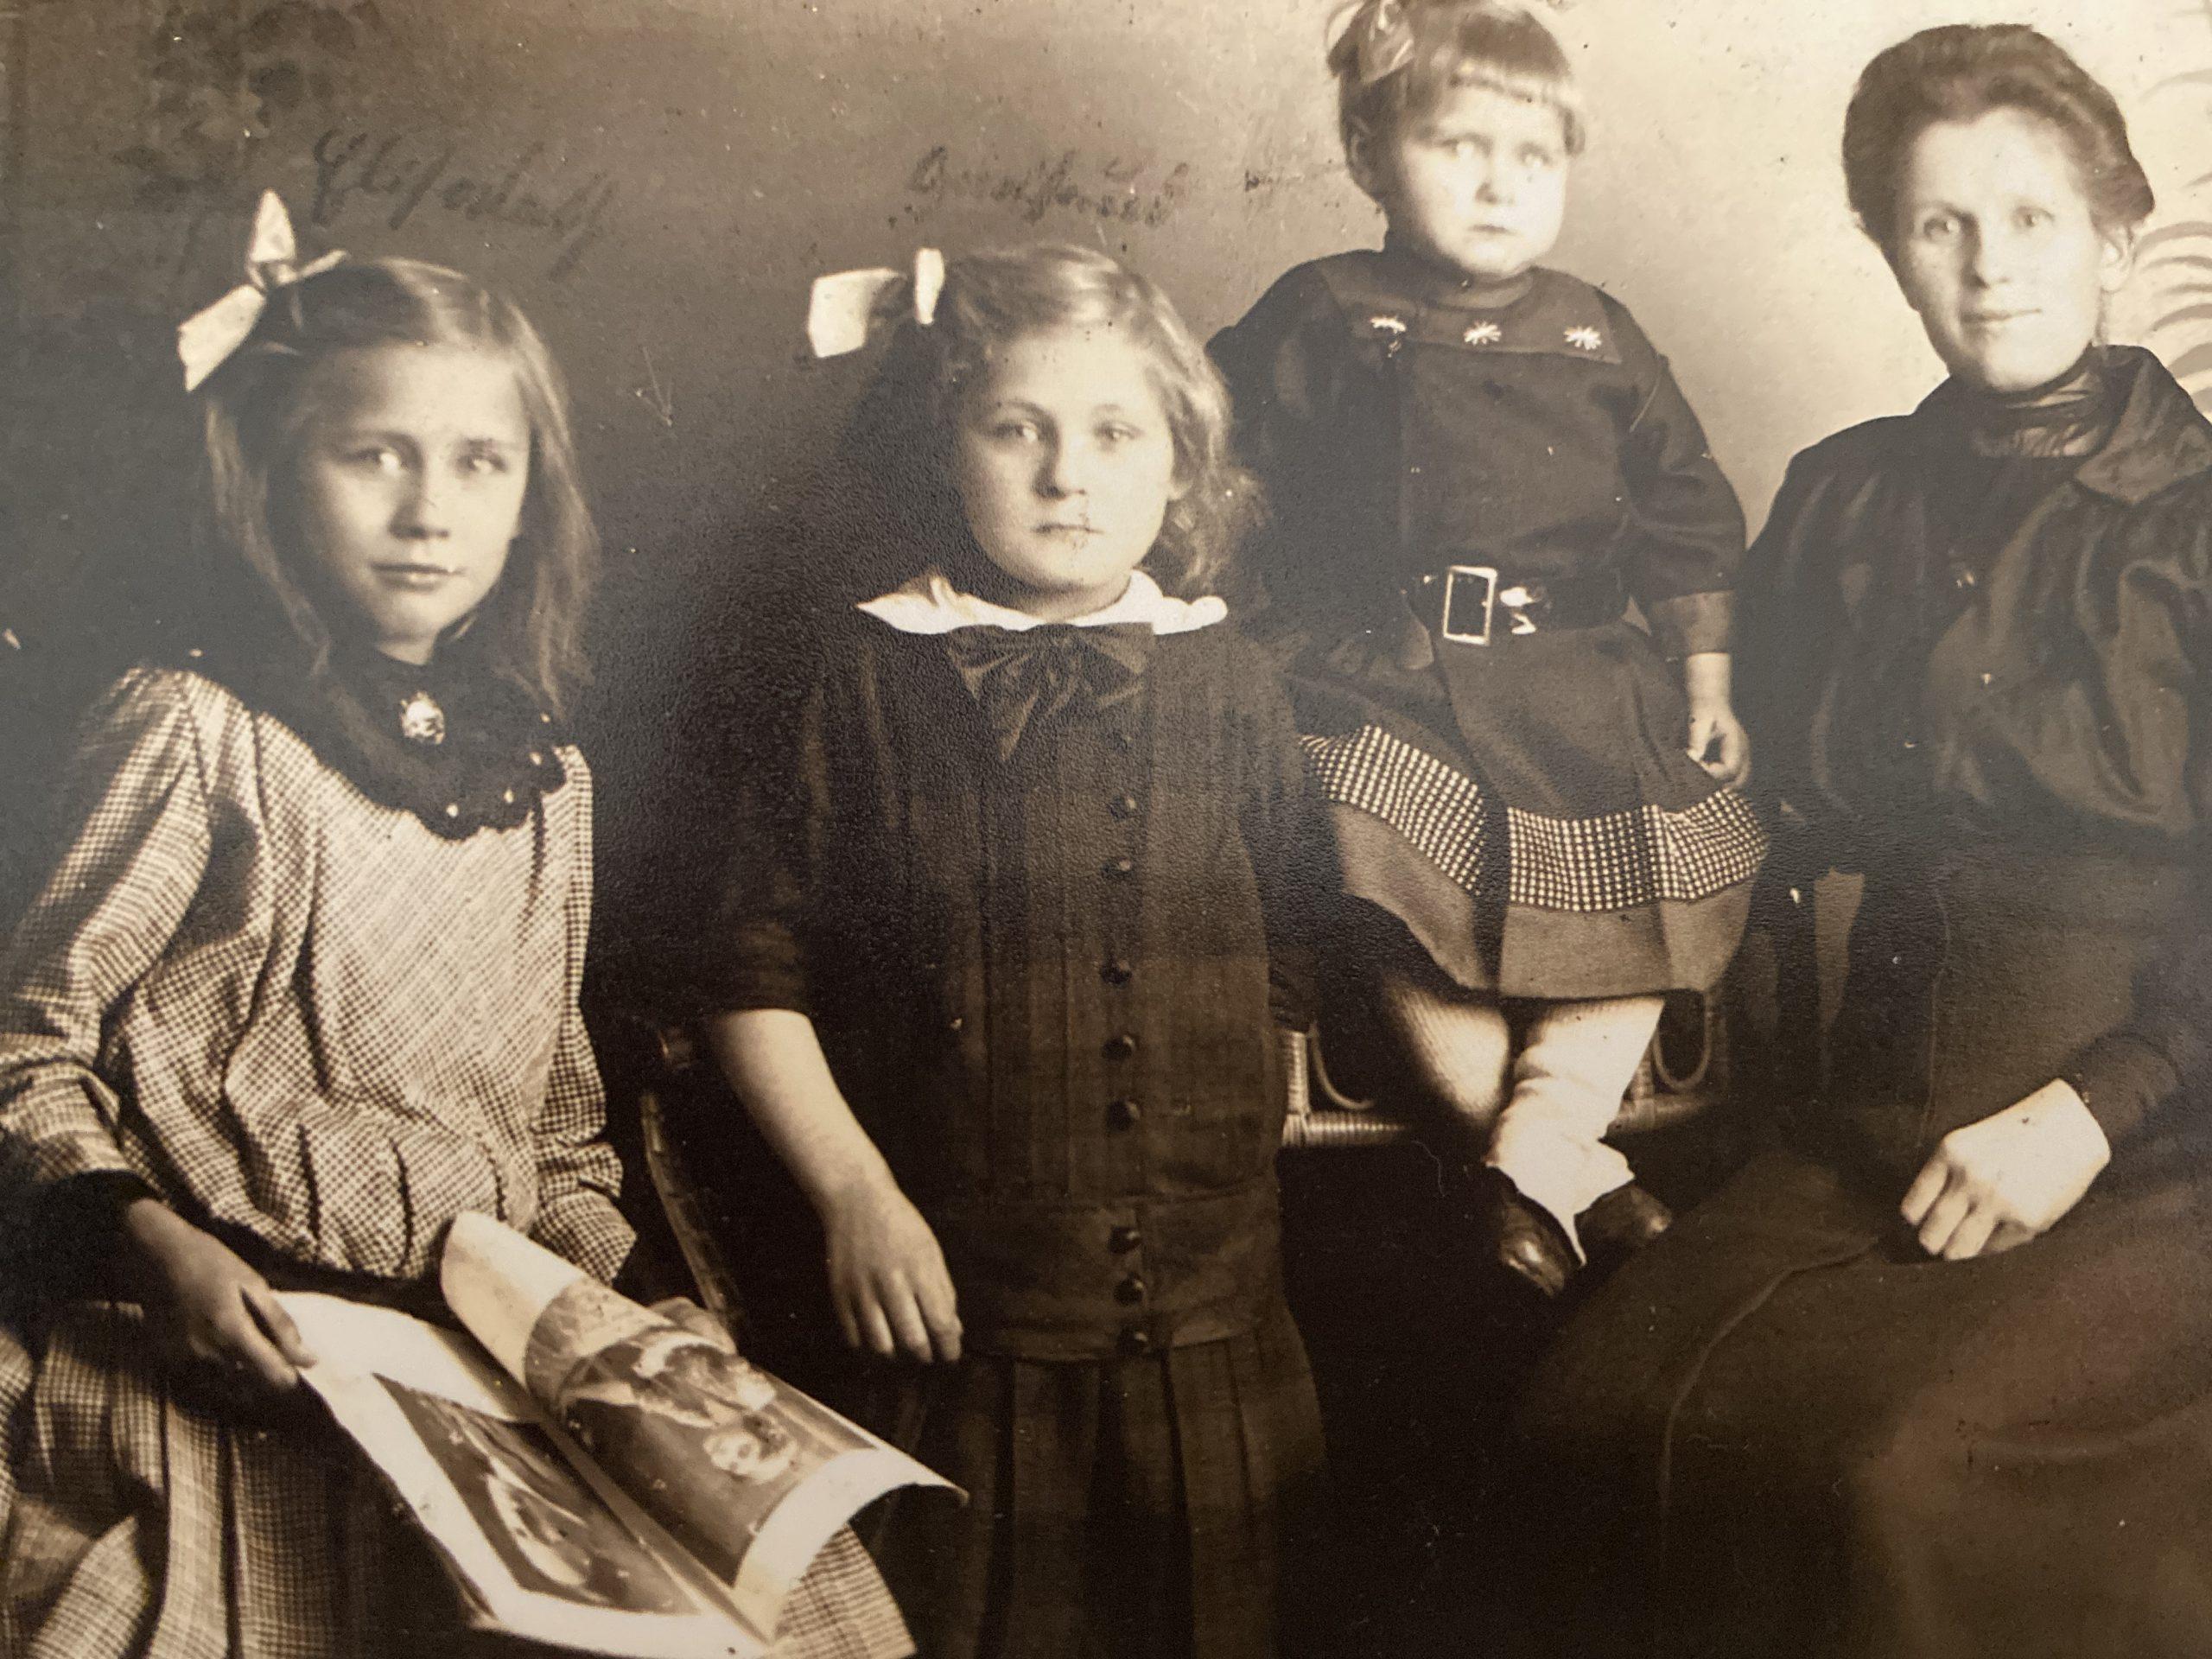 Familienbild mit drei Mädchen und der Mutter Anfang des 19. Jahrhunderts als Sinnbild für die Kraft der eigenen Wurzeln